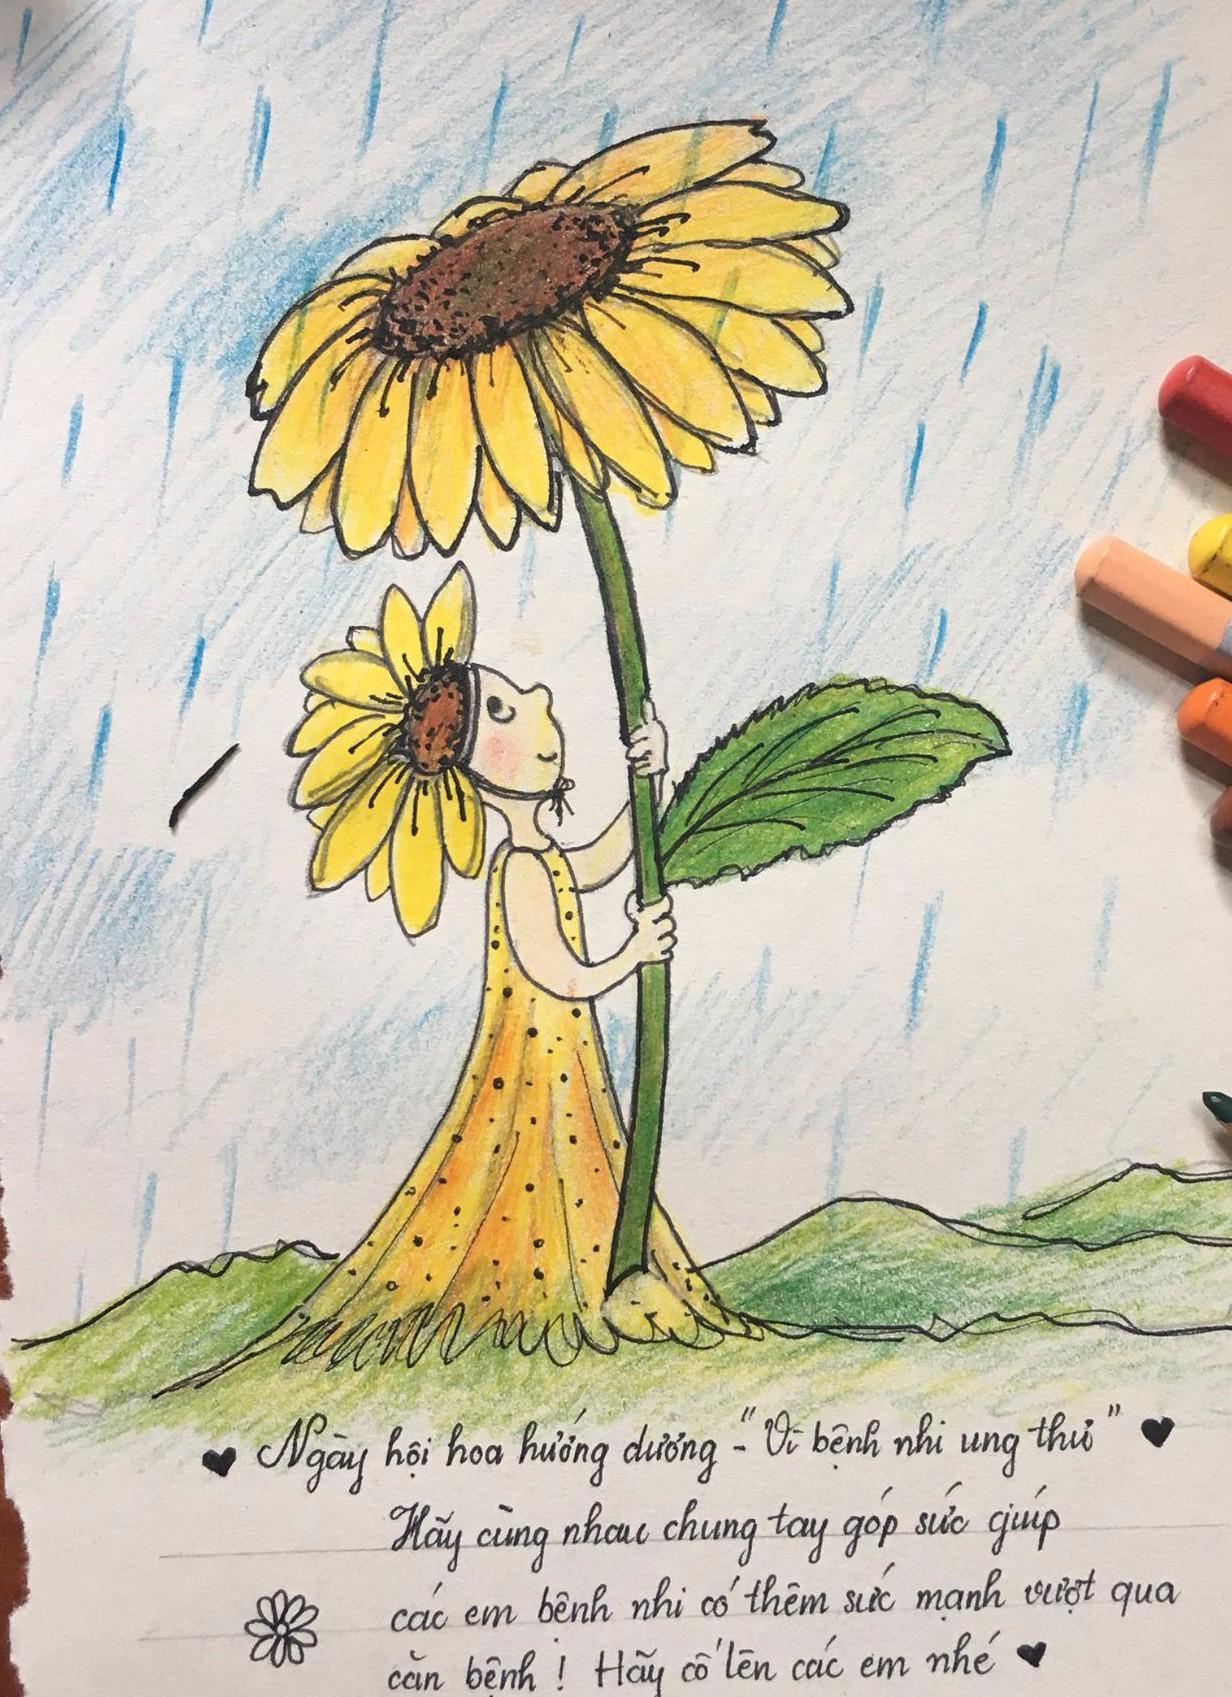 Bức vẽ chủ đề ngày hội hoa hướng dương kèm lời chúc ý nghĩa